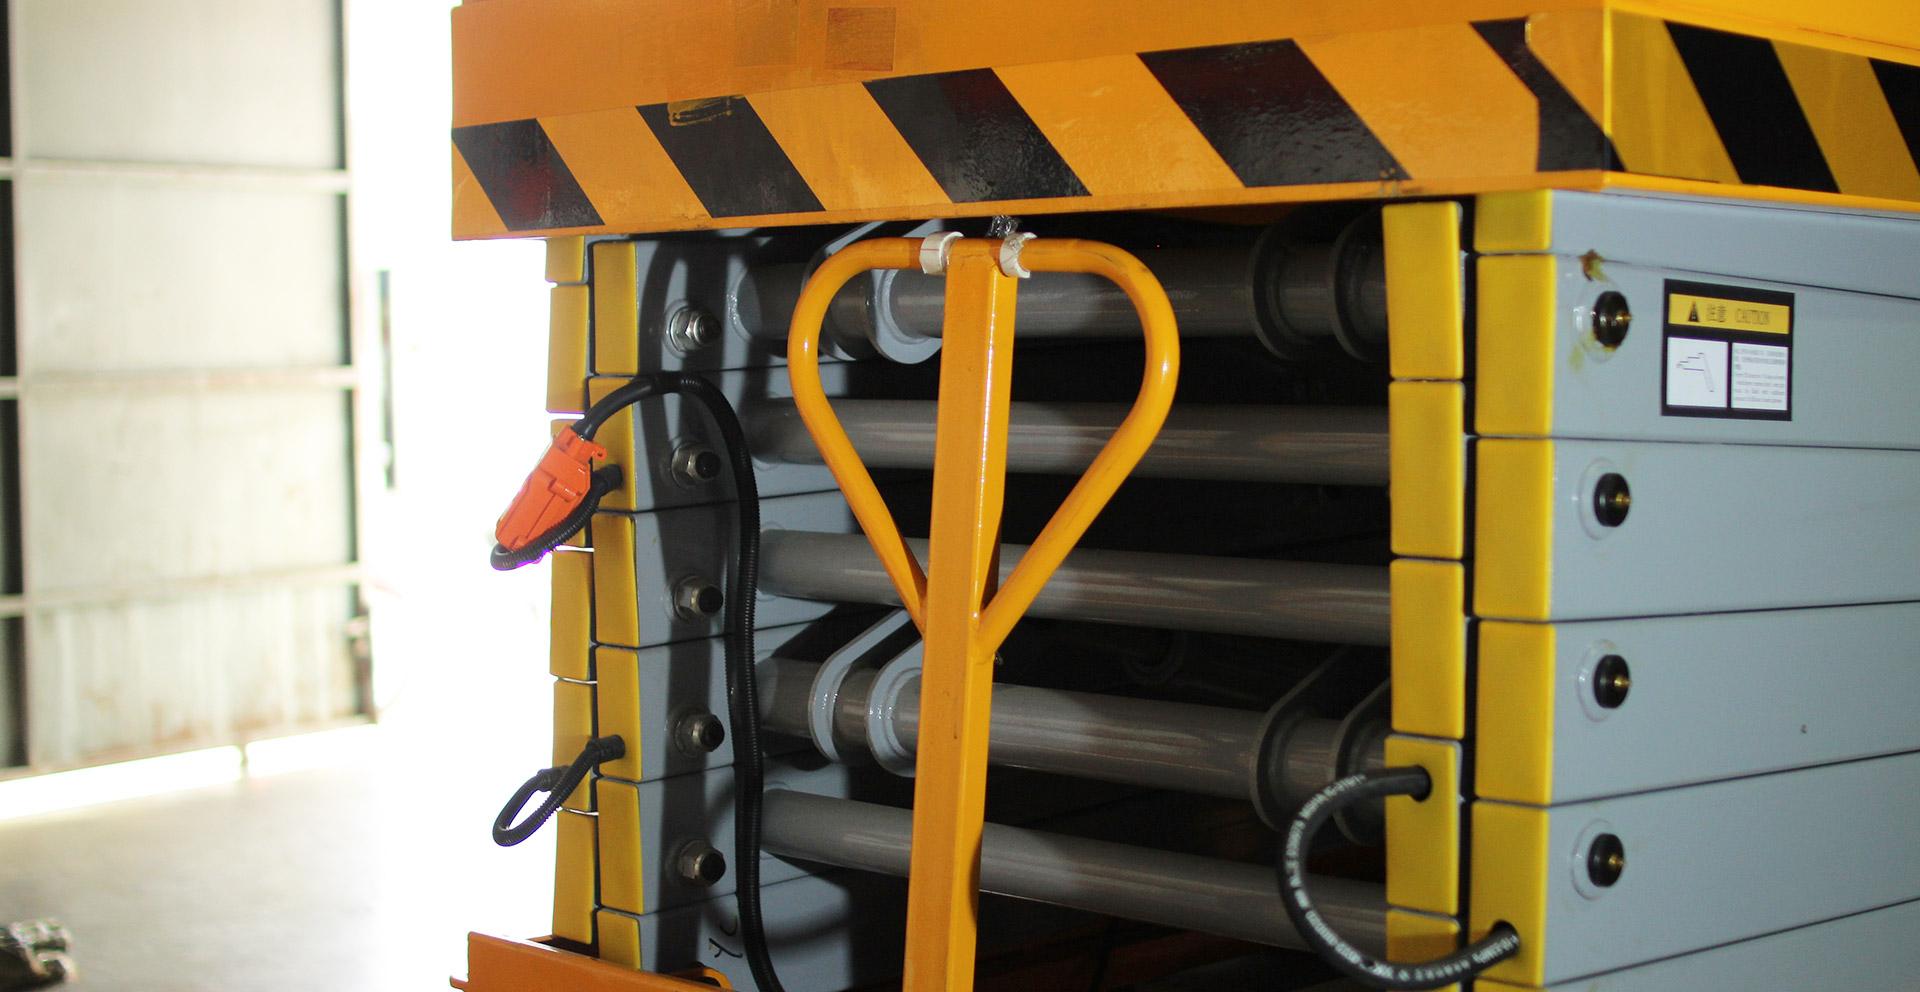 ใช้งานง่าย-รถ-Xlift-ลิฟท์ขากรรไกร-มาตรฐาน